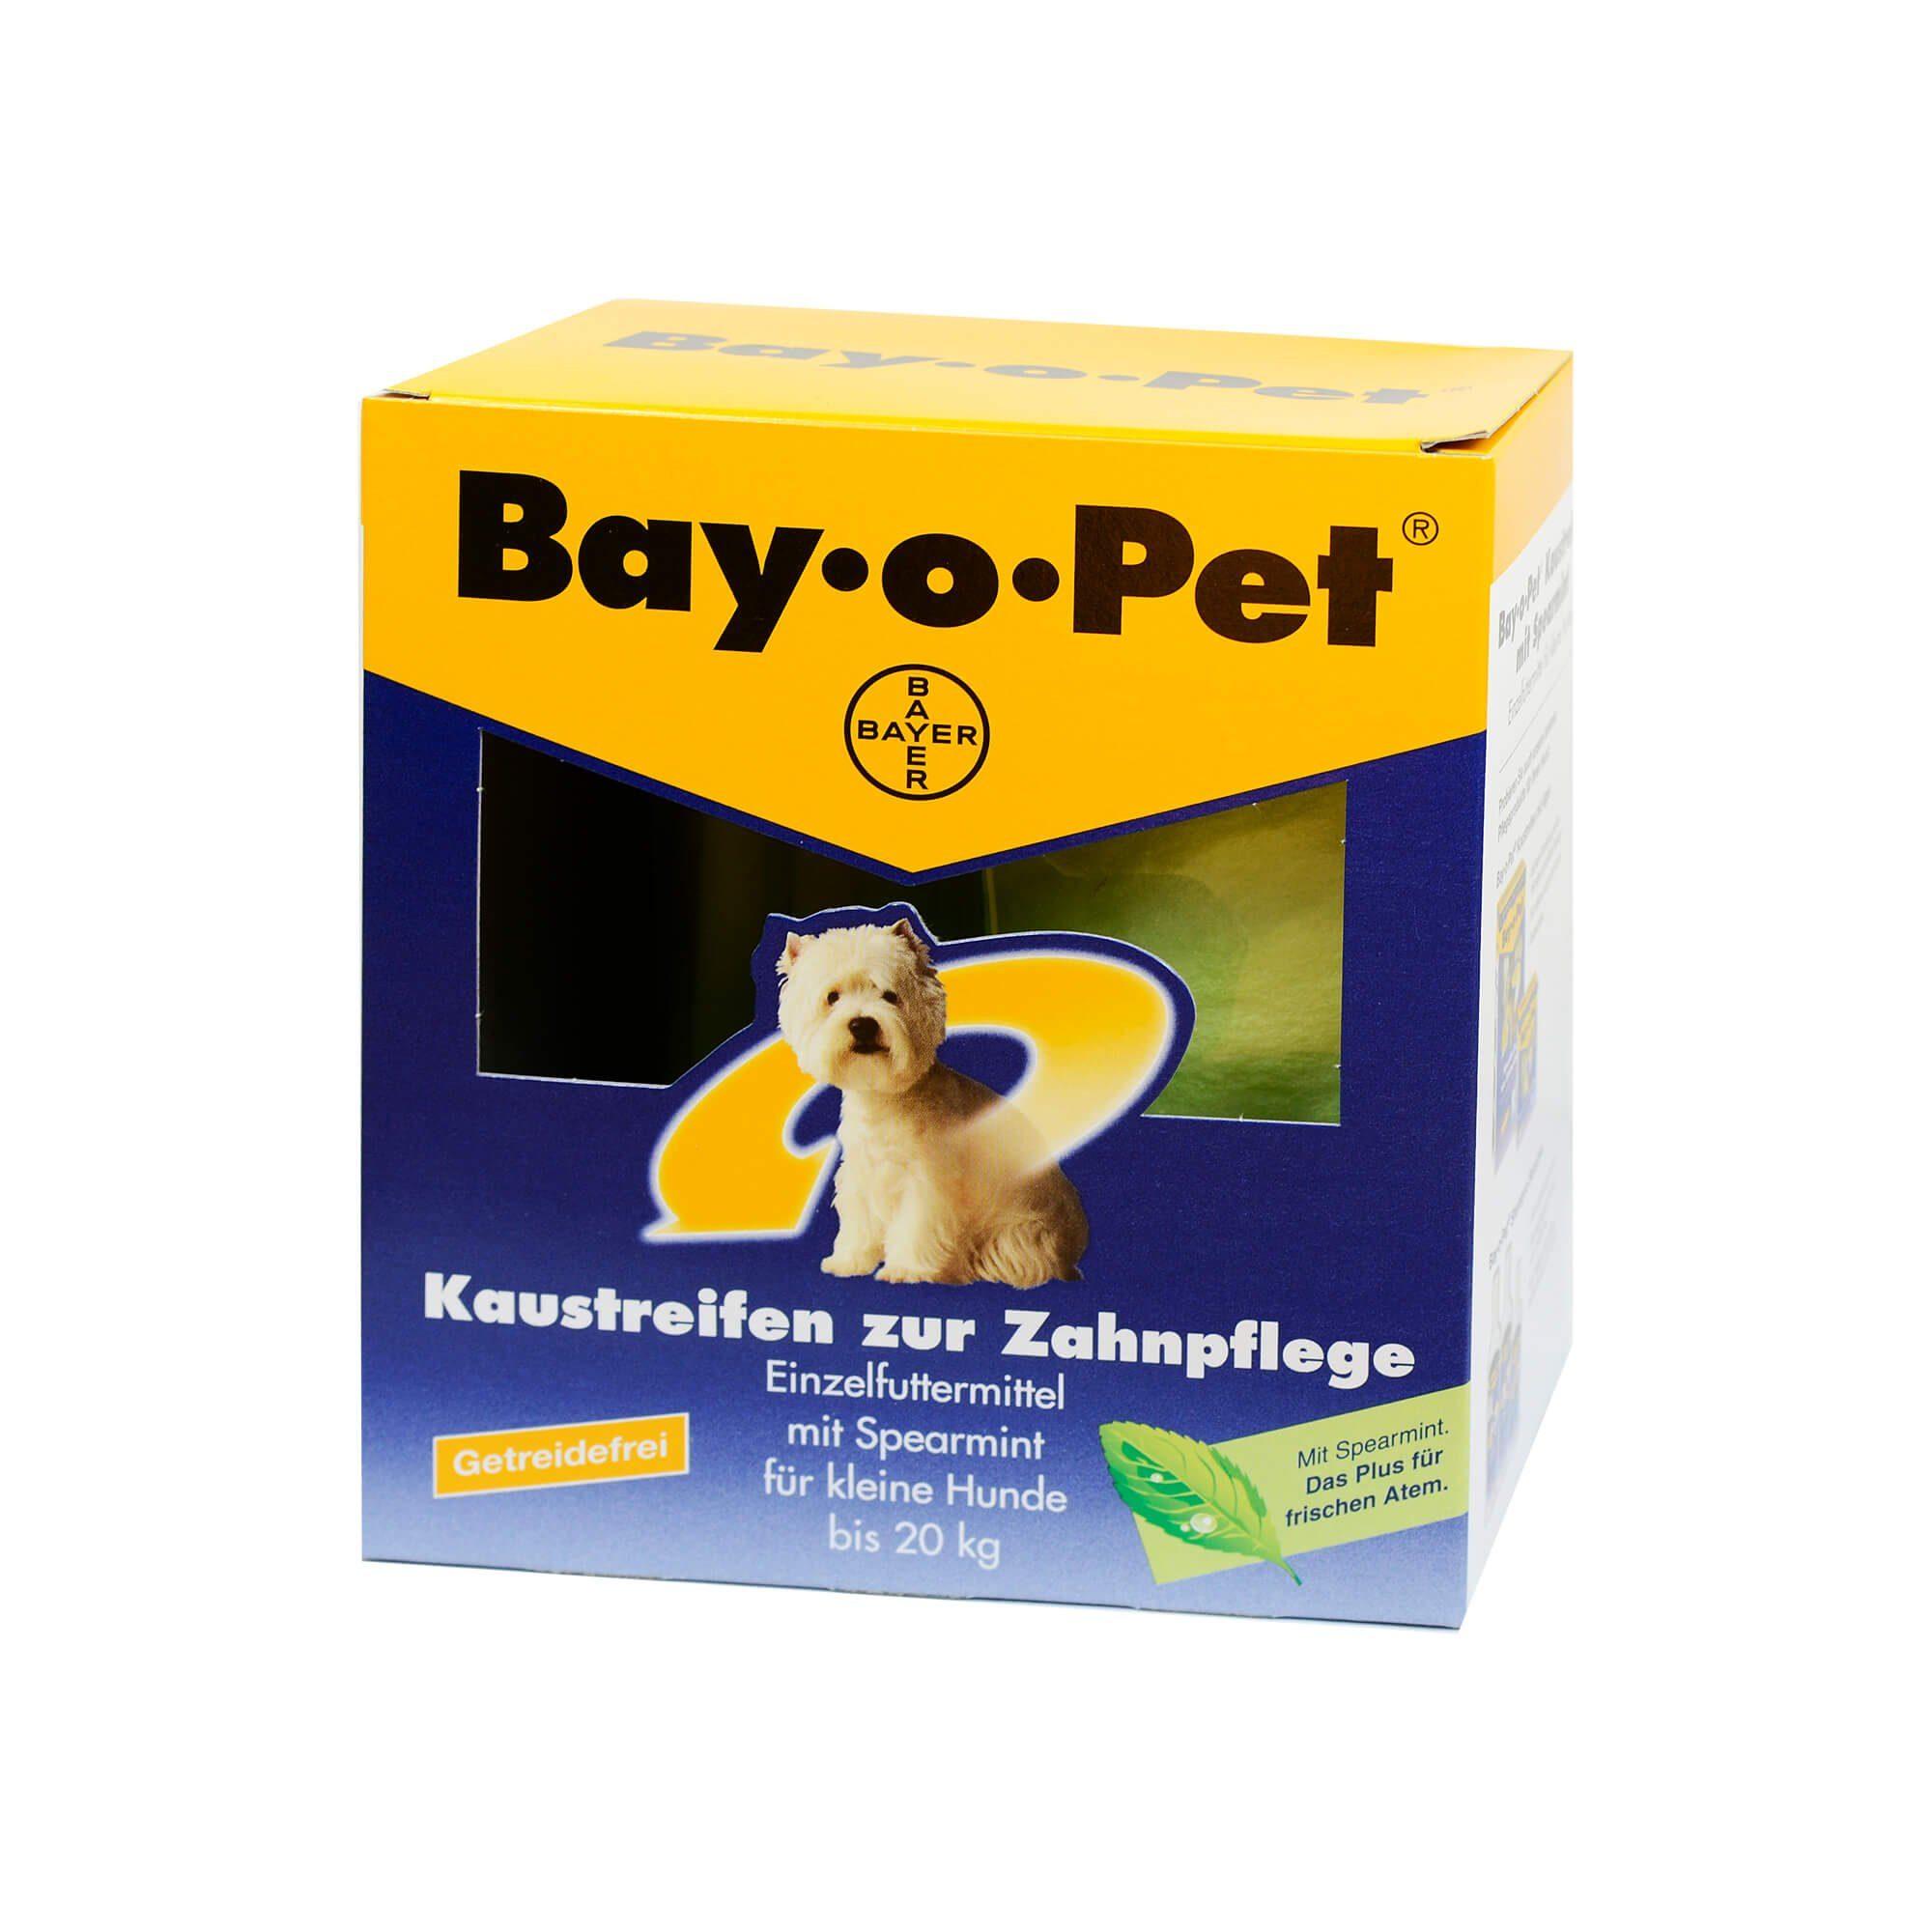 Bay-o-Pet Kaustreifen Spearmint, 140 g